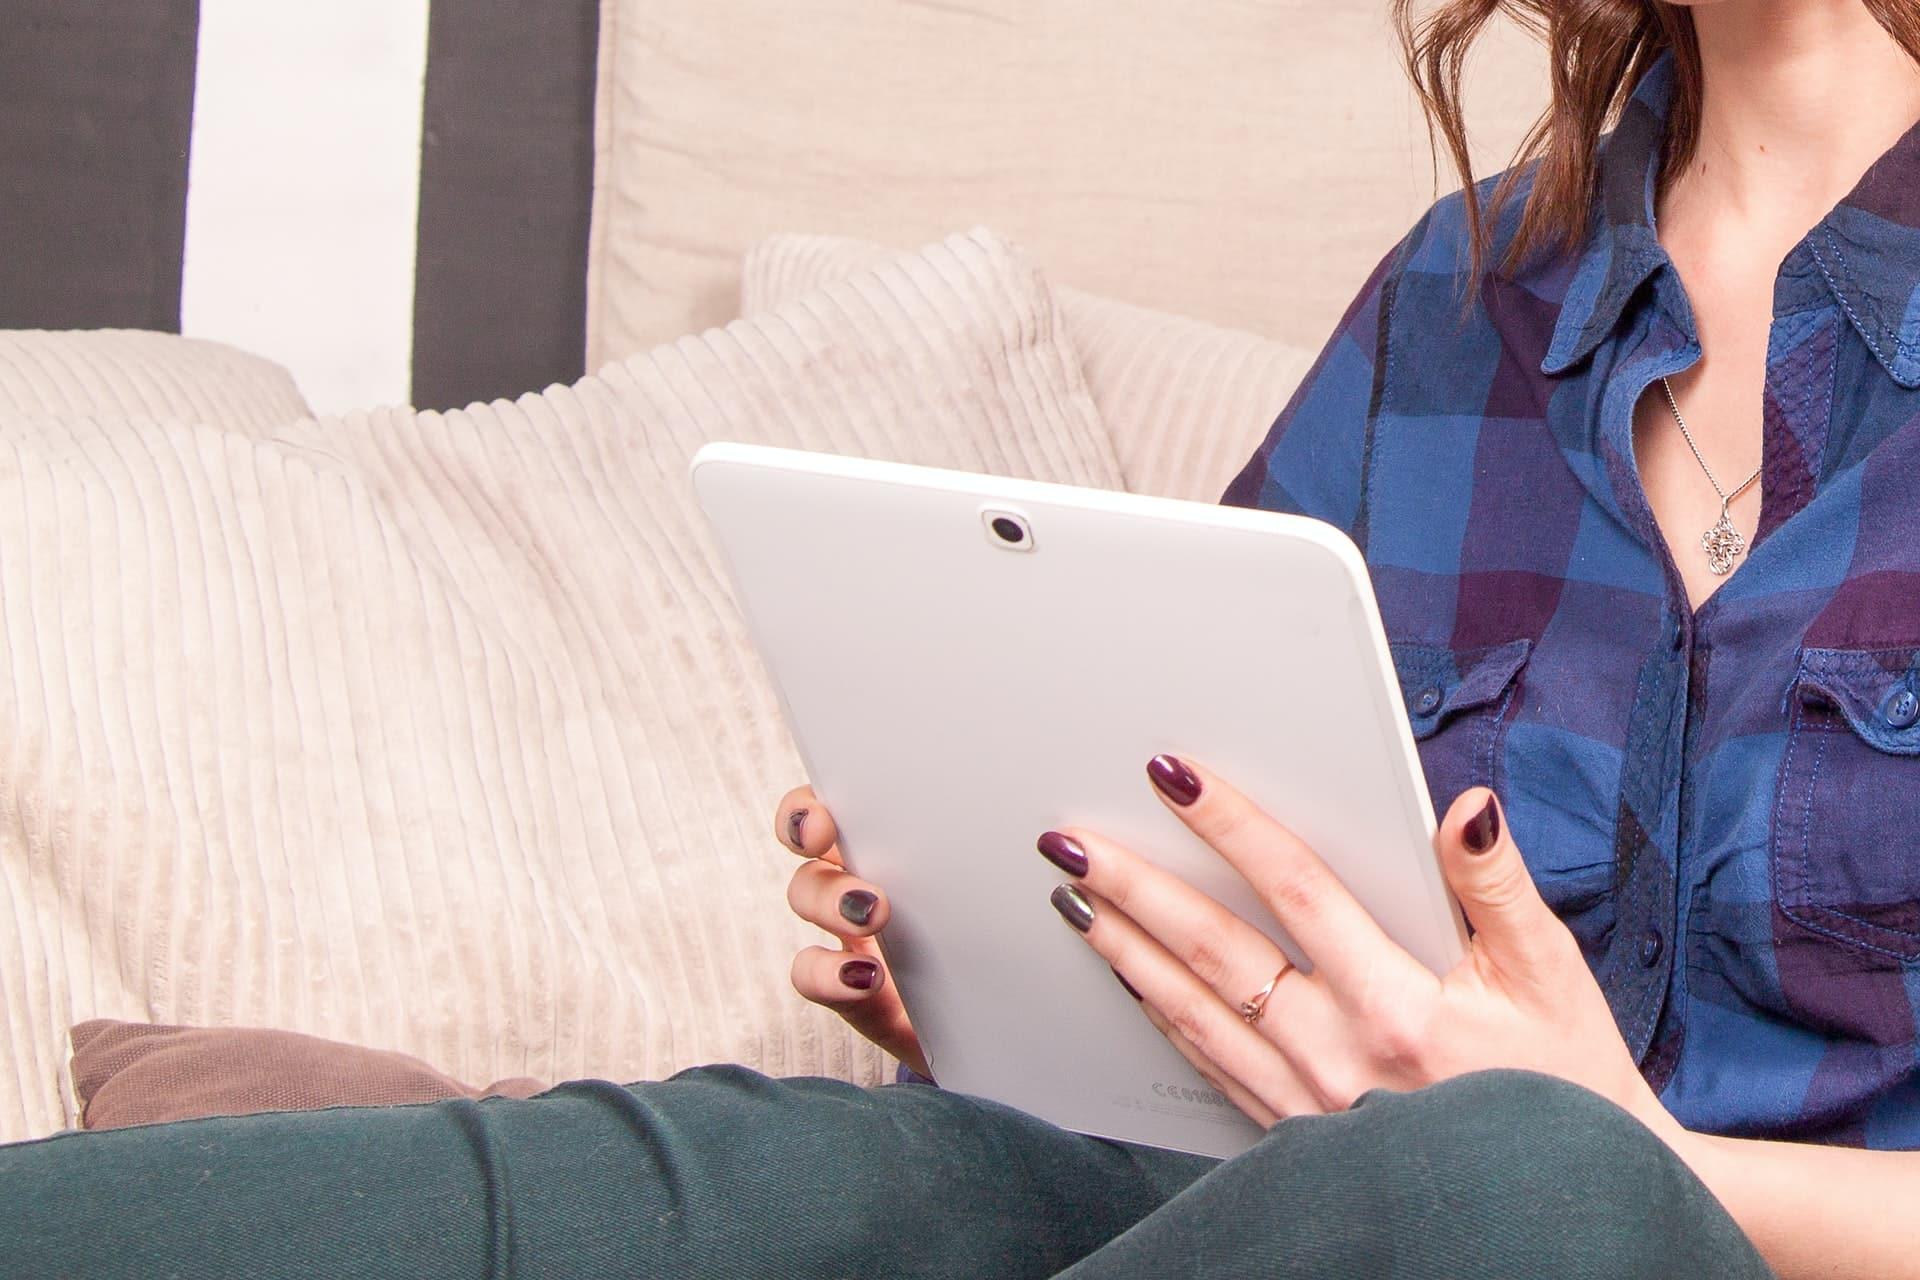 Personalisierte Dokumente mit kwsoft frau liest auf tablet